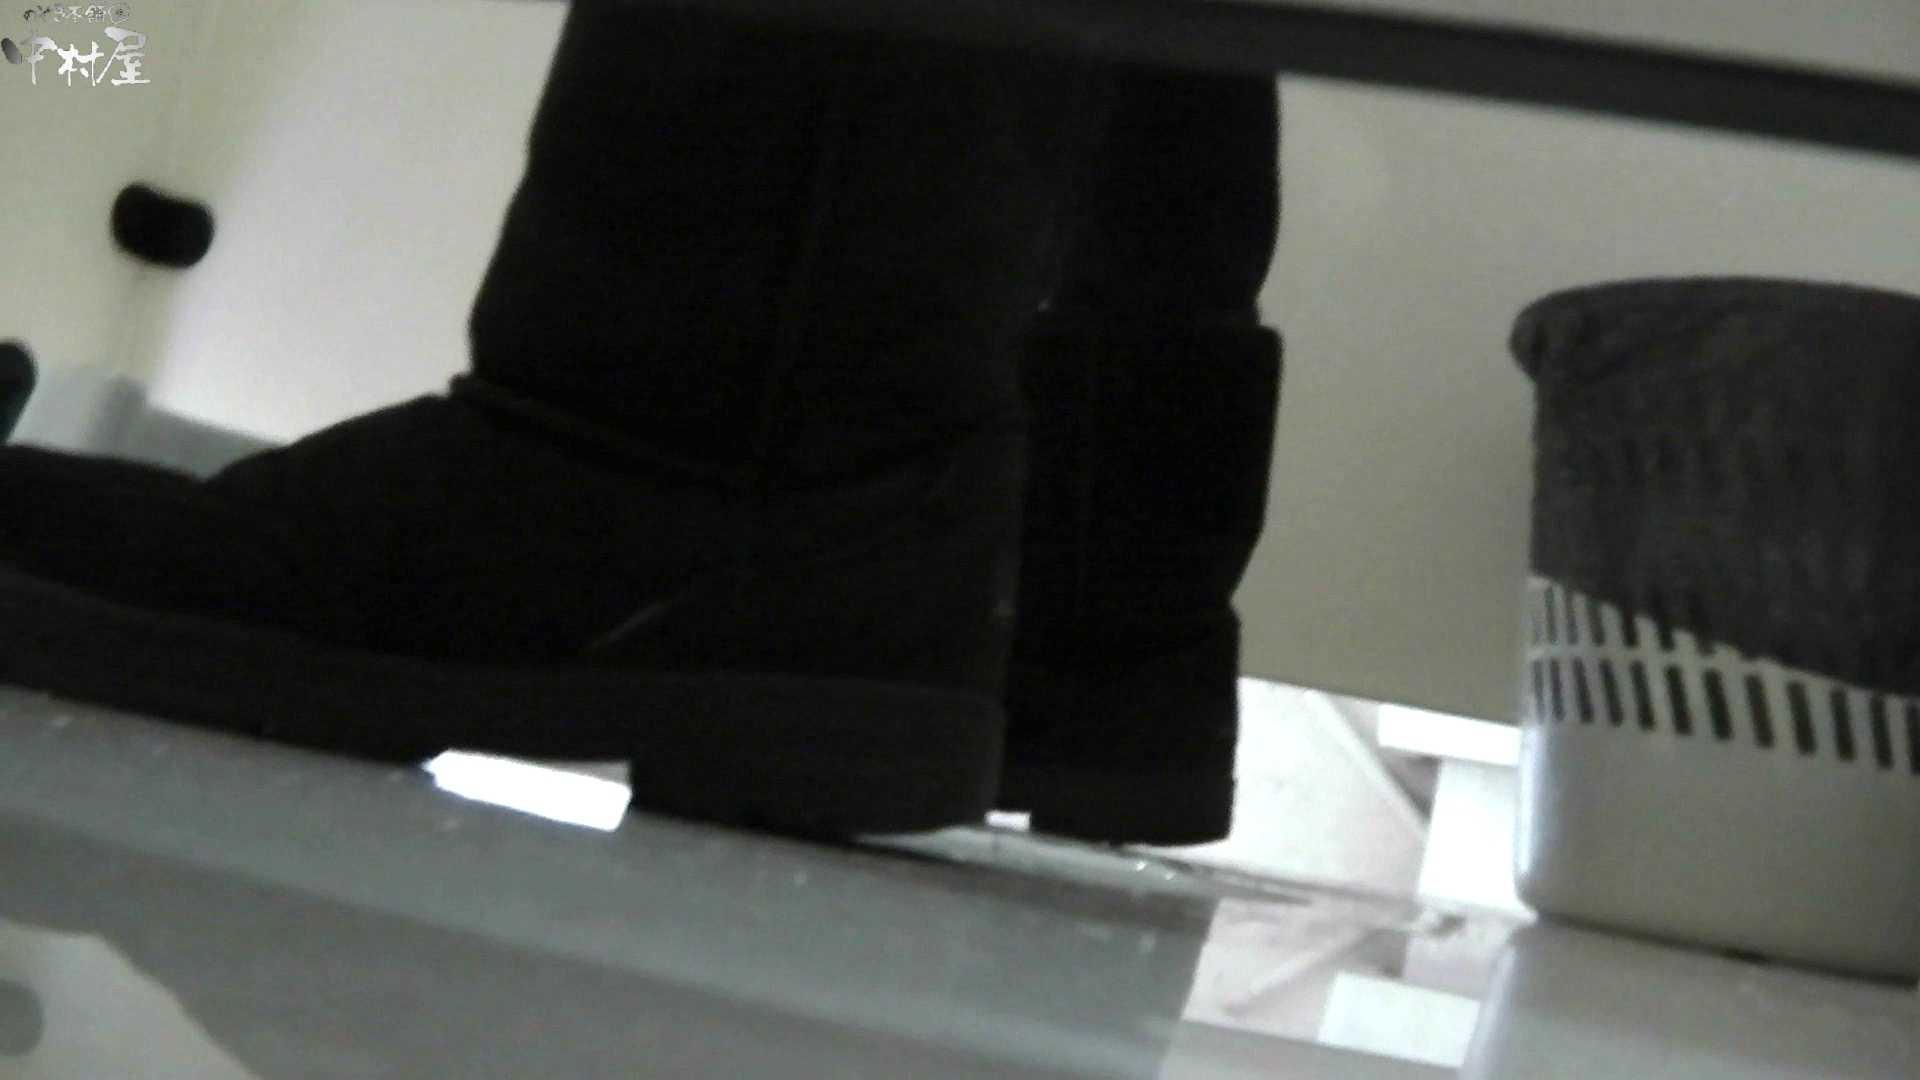 お市さんの「お尻丸出しジャンボリー」No.03 潜入突撃 オマンコ無修正動画無料 107pic 14